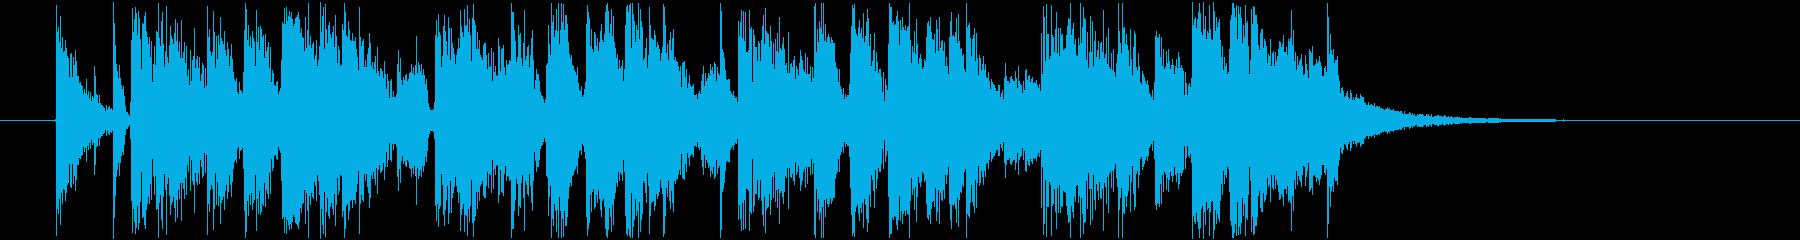 軽快なサックスのジングルの再生済みの波形